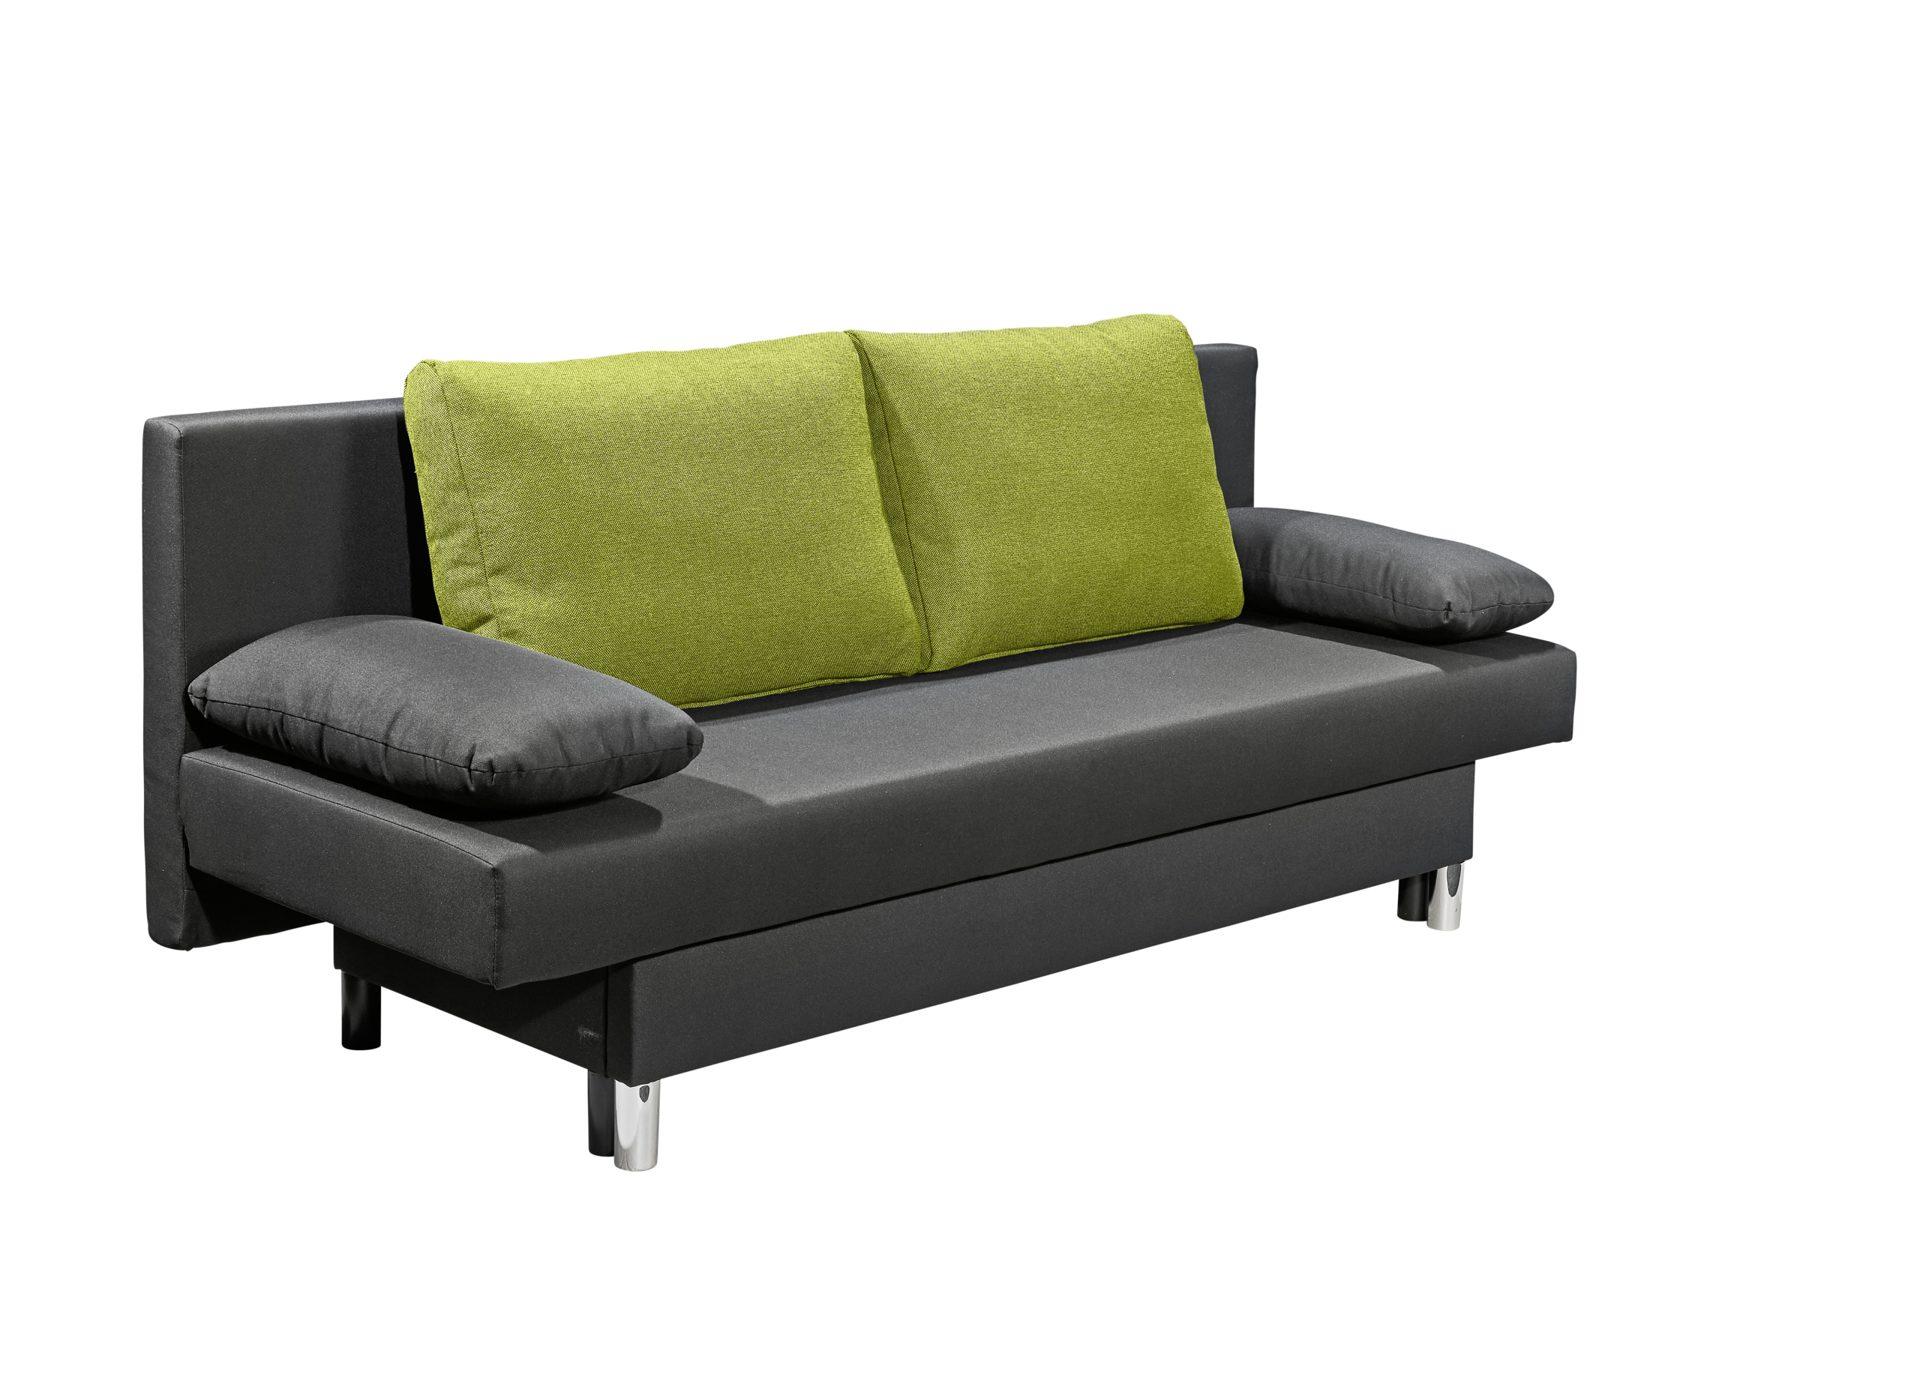 Möbel Hermes , Räume, Wohnzimmer, Sofas + Couches, Schlafsofa, Schlafsofa,  Jeans Schwarz Mit Feingewebe Grün